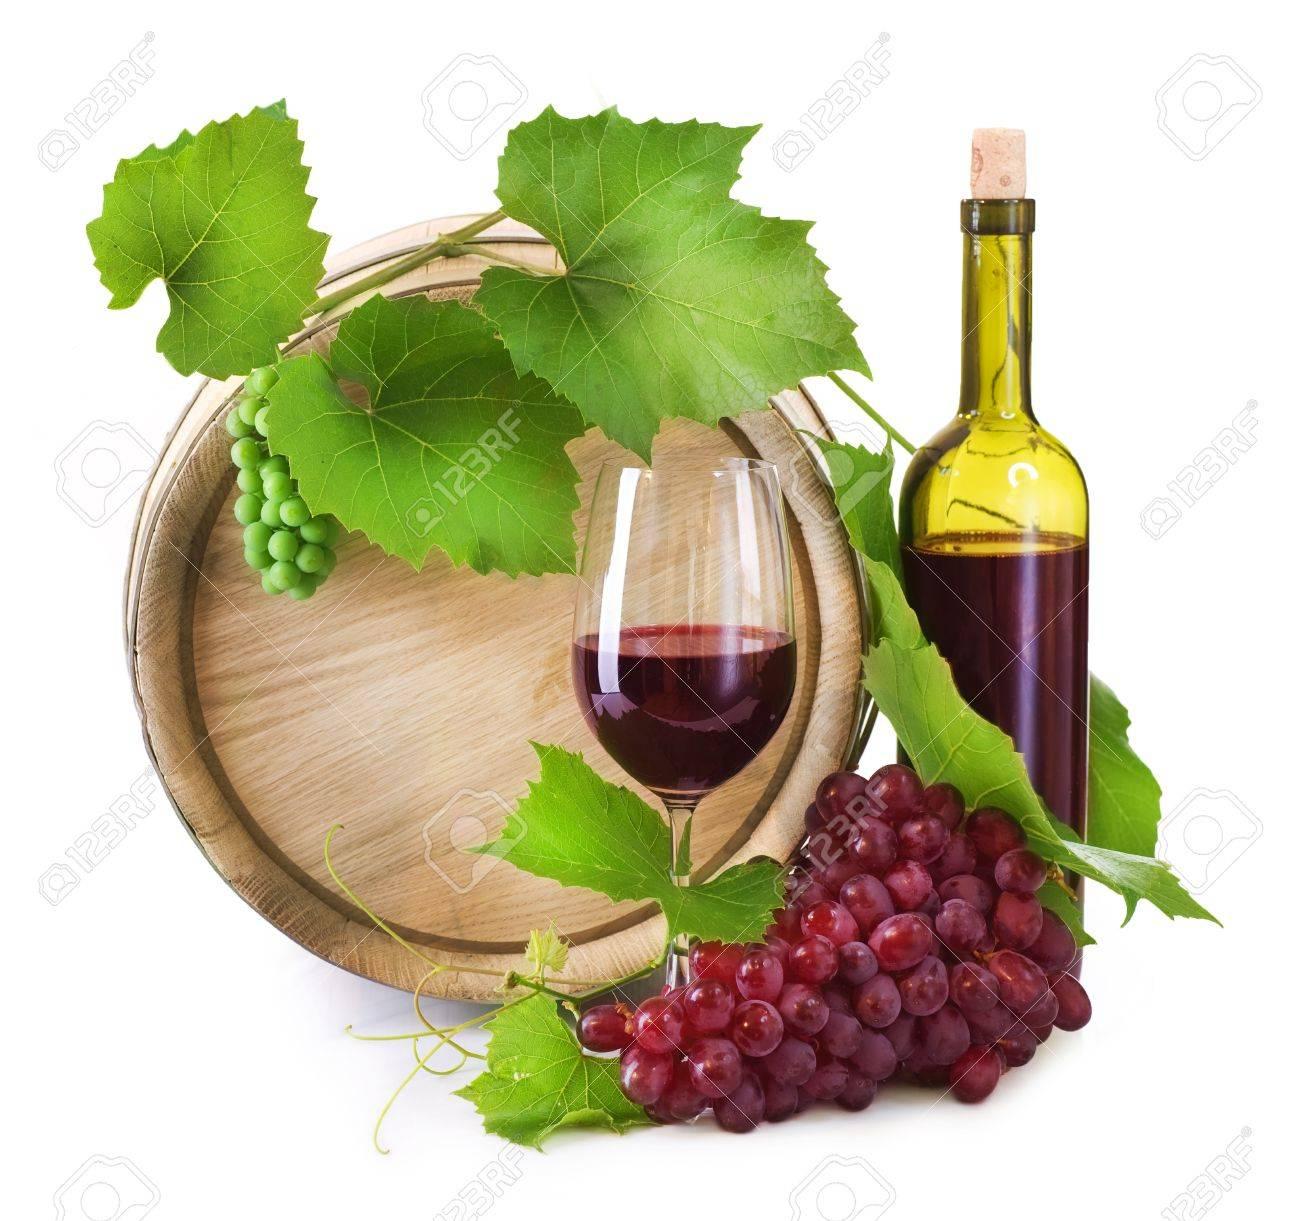 Wine - 9829241